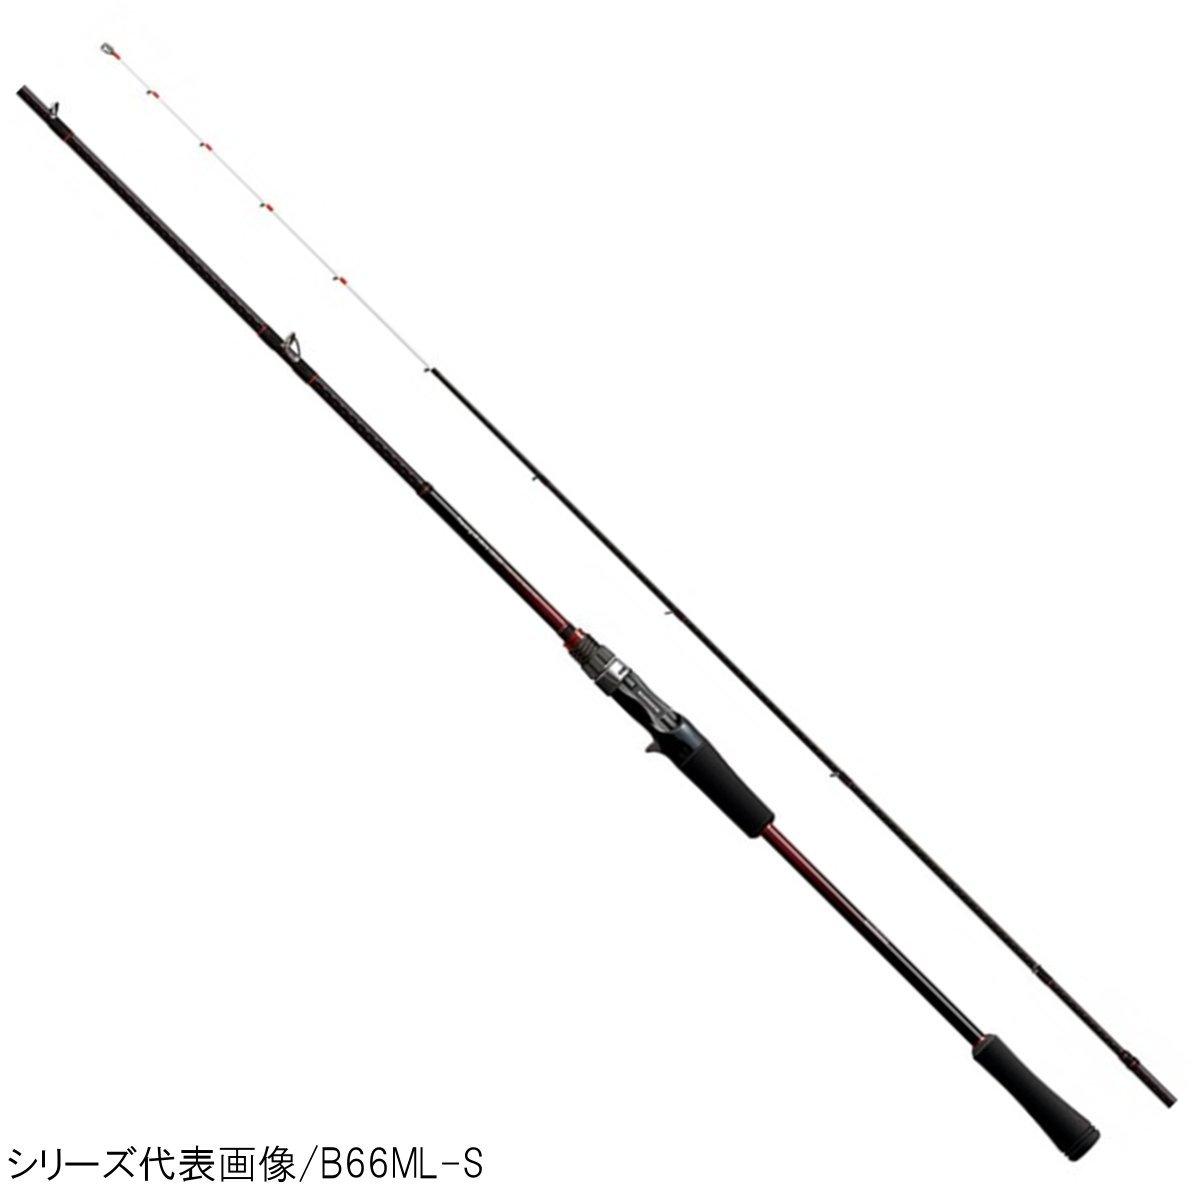 シマノ セフィア BB メタルスッテ B66M-S【送料無料】